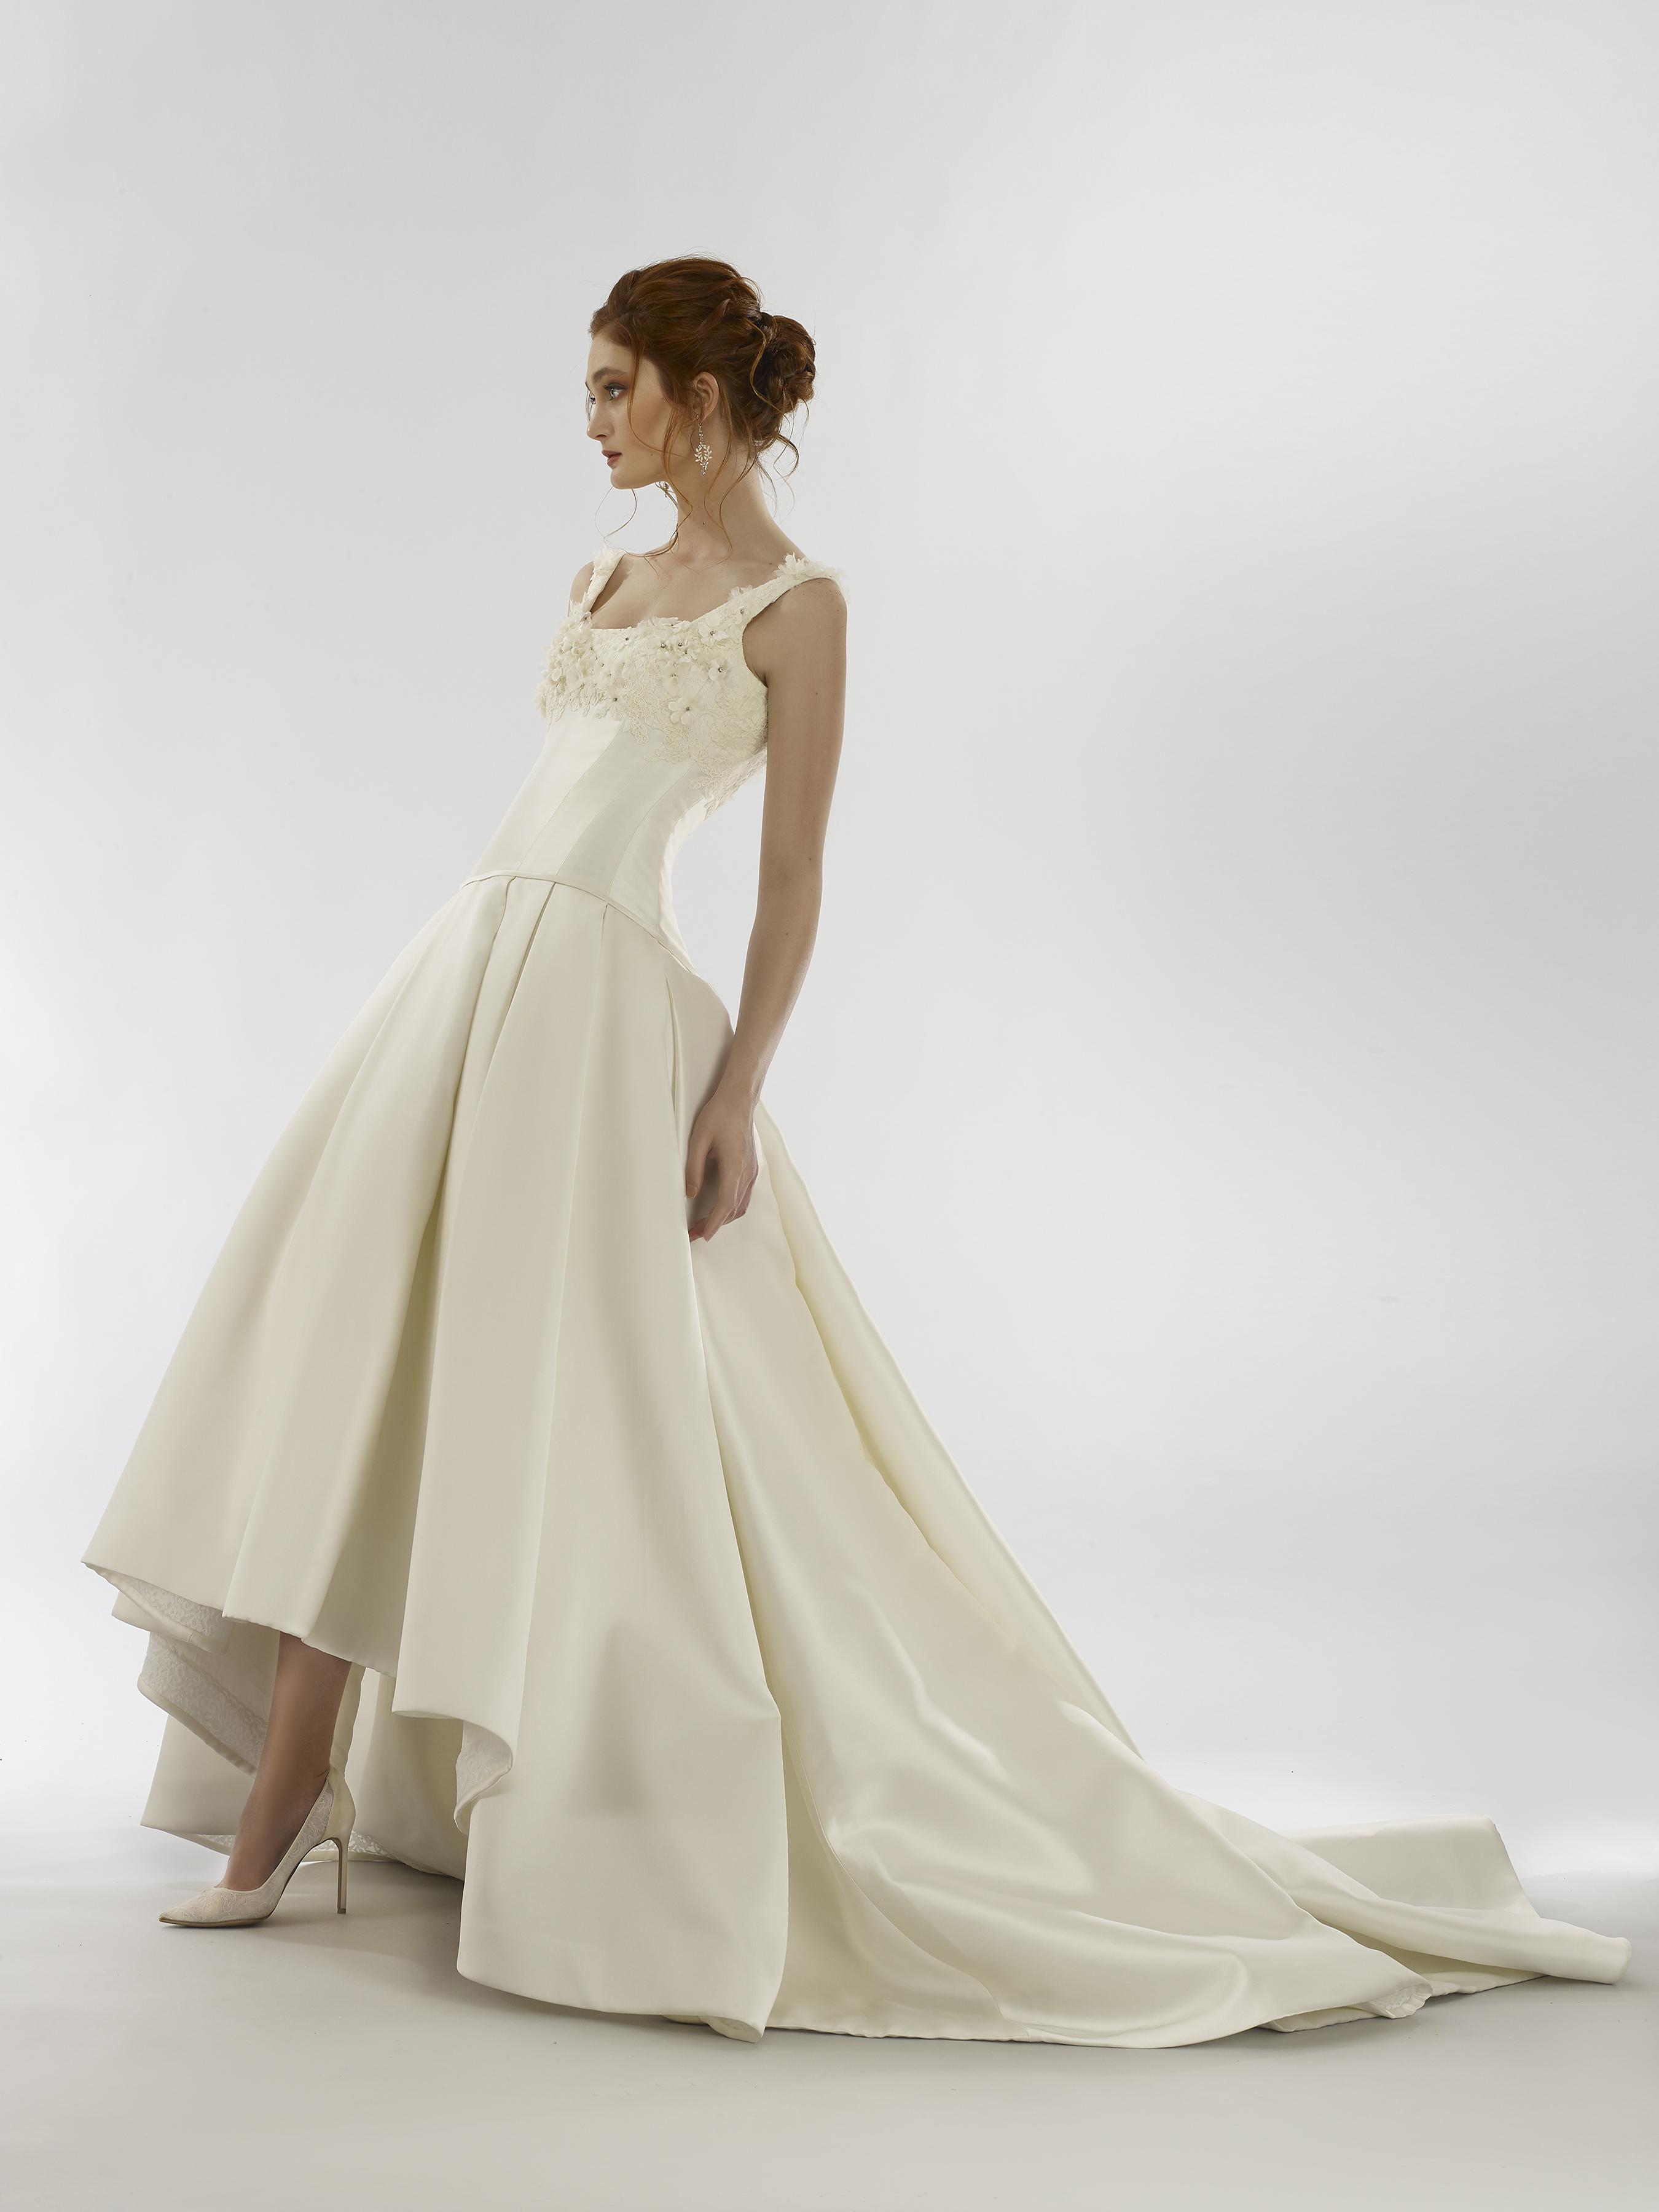 steven birnbaum spring 2020 wedding dress a-line square neck